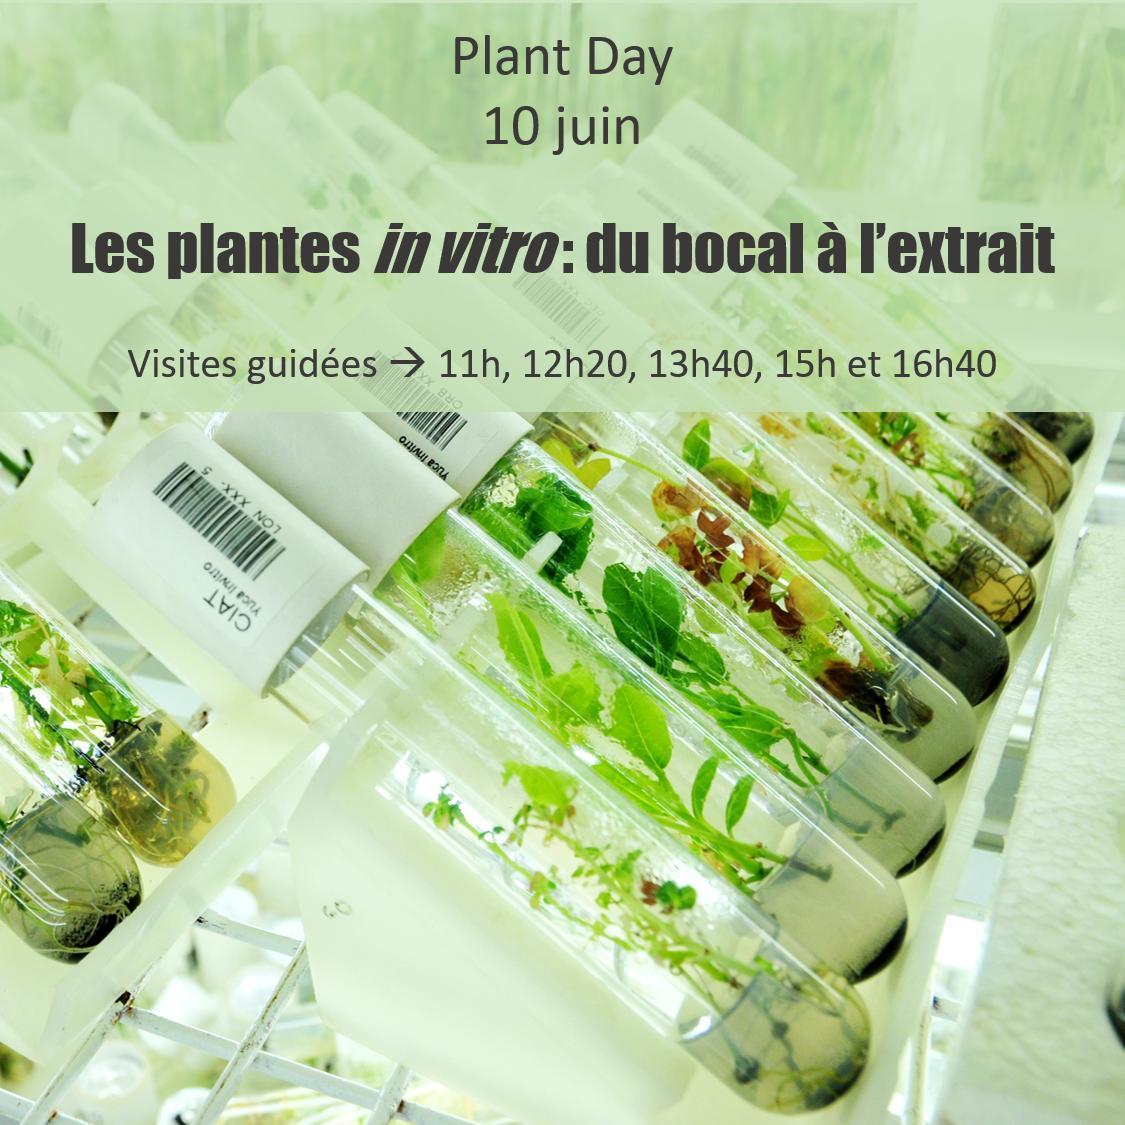 Découvrez le monde des plantes #invitro, ces petites plantes en bocaux. 🌱🌱🌱 Comment les cultive-t-on ? À quoi servent-elles ?  Le 10 juin, #PlantDay Institut de Botanique, B22, @UniversiteLiege Faculté des Sciences. http://www.events.uliege.be/plantday/programme/…